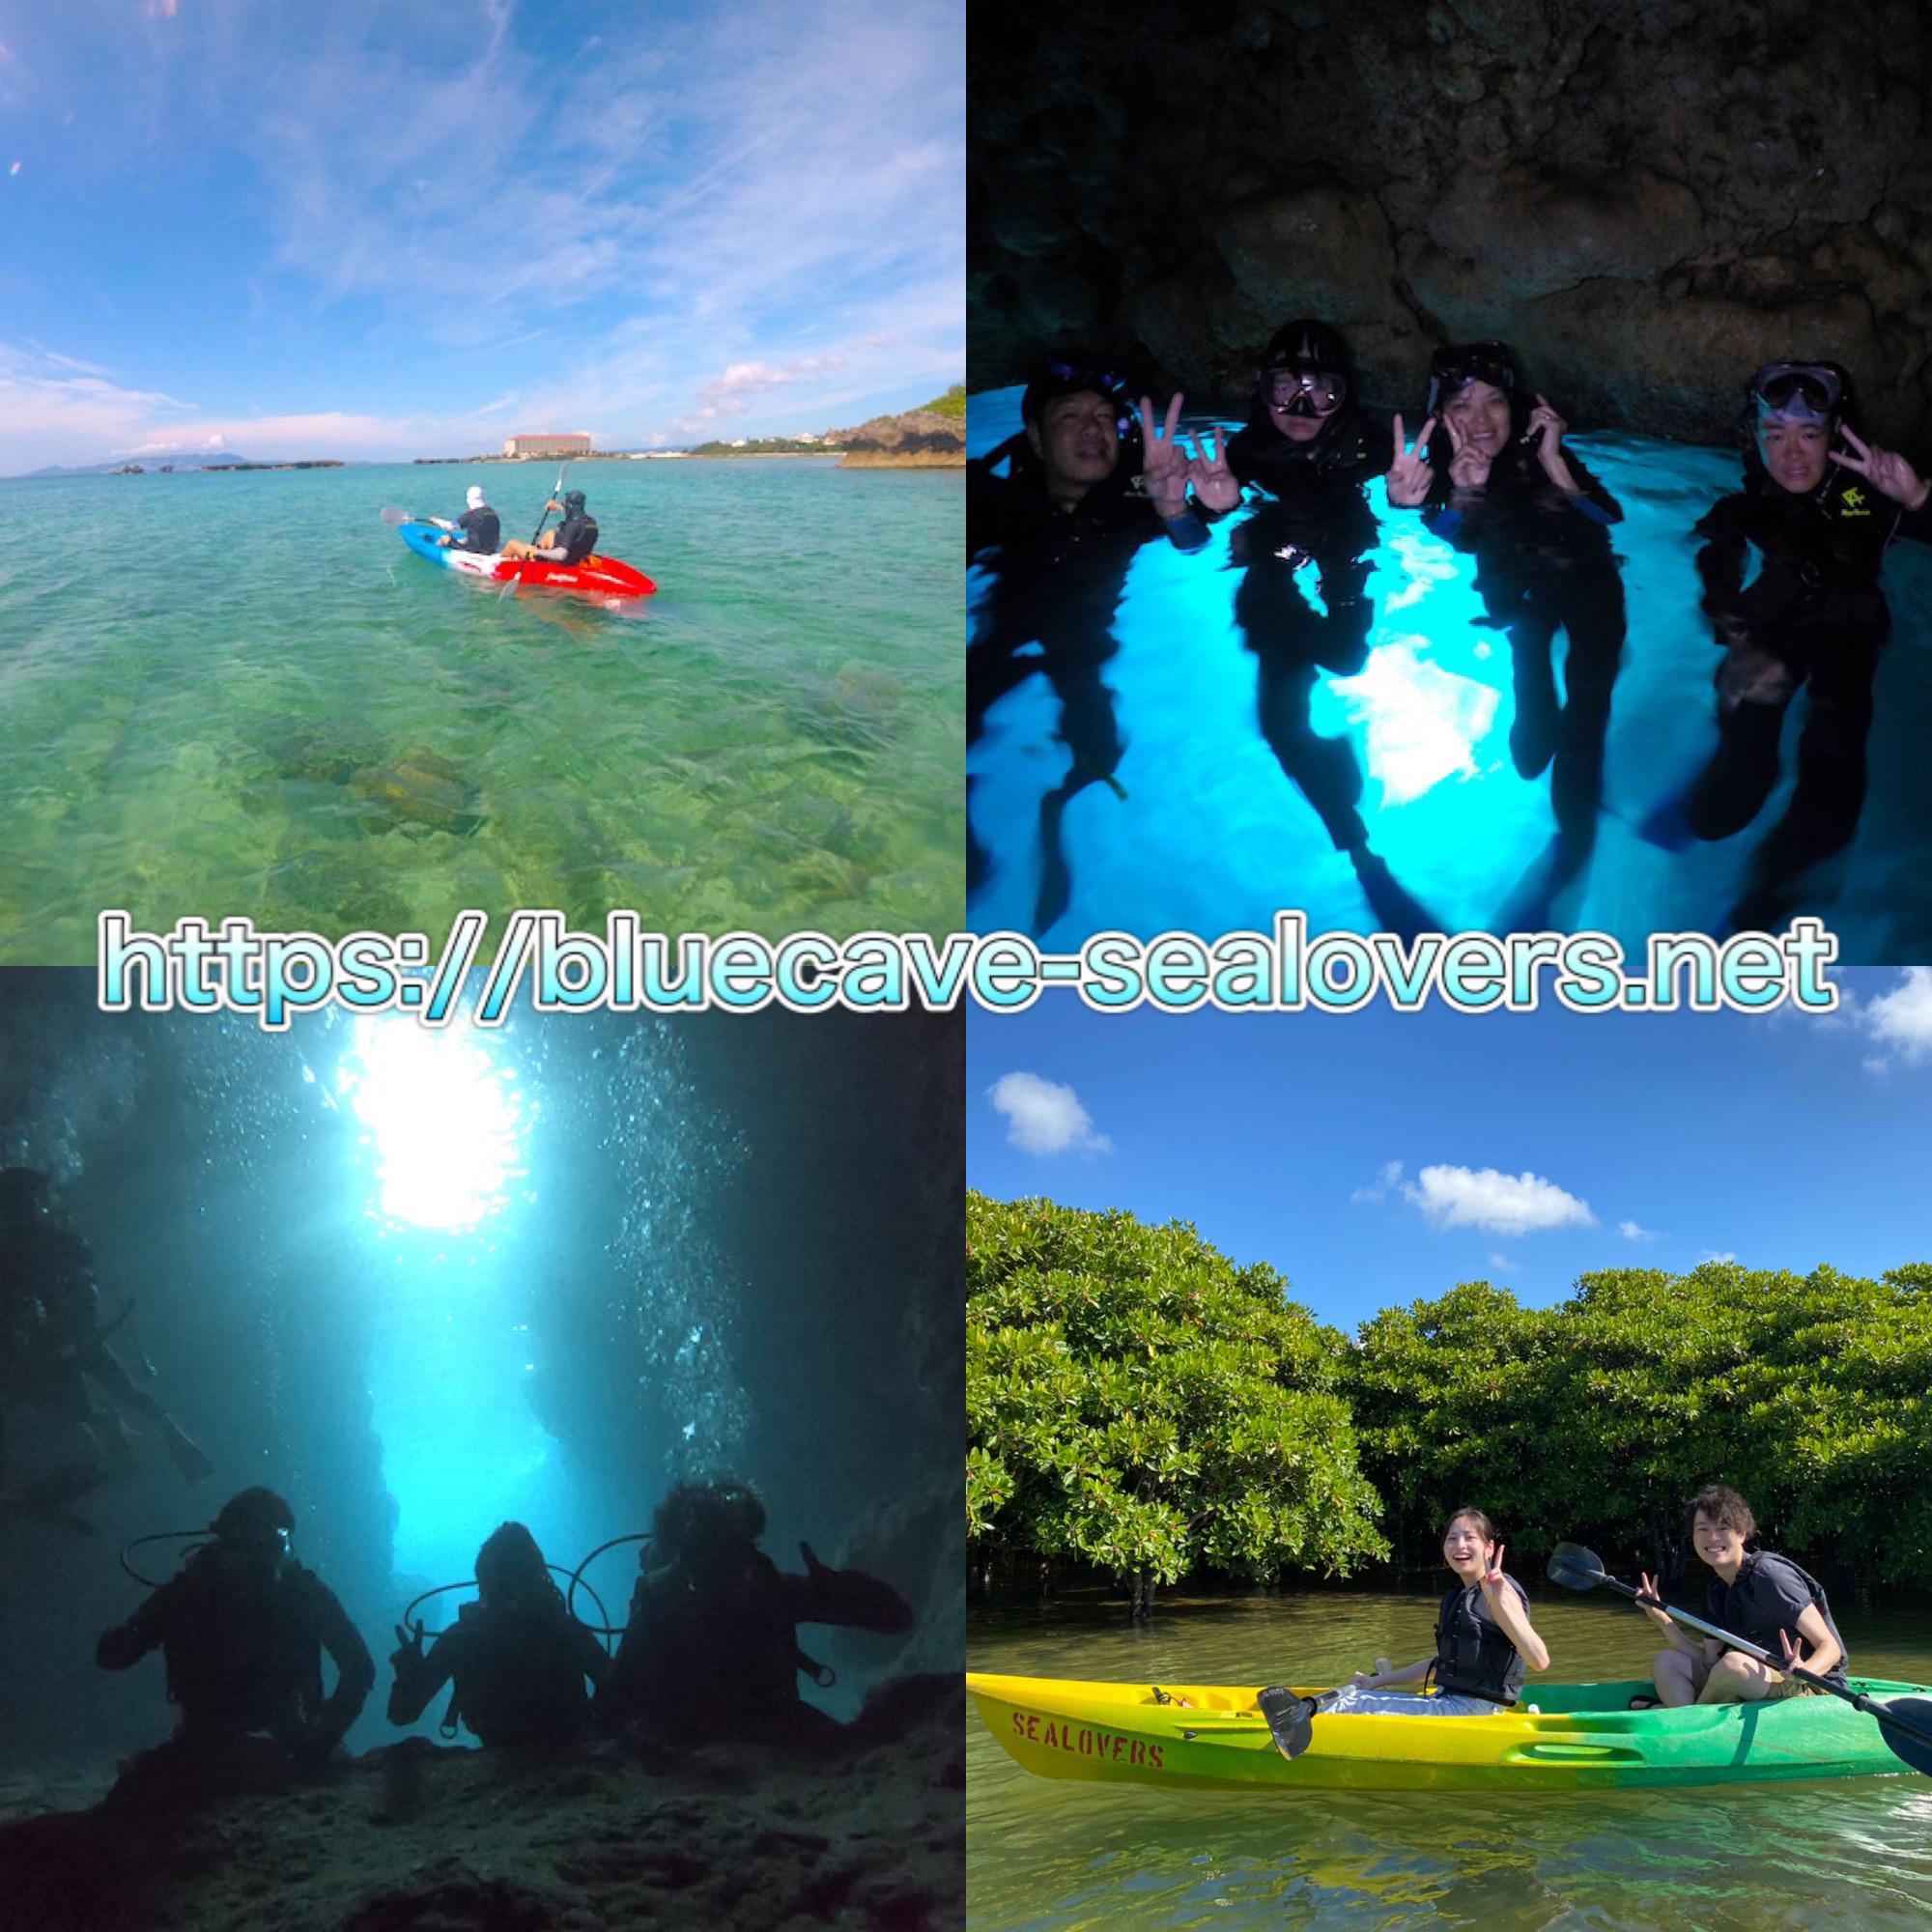 青の洞窟 ダイビング シュノーケリング シーカヤック マングローブカヤック